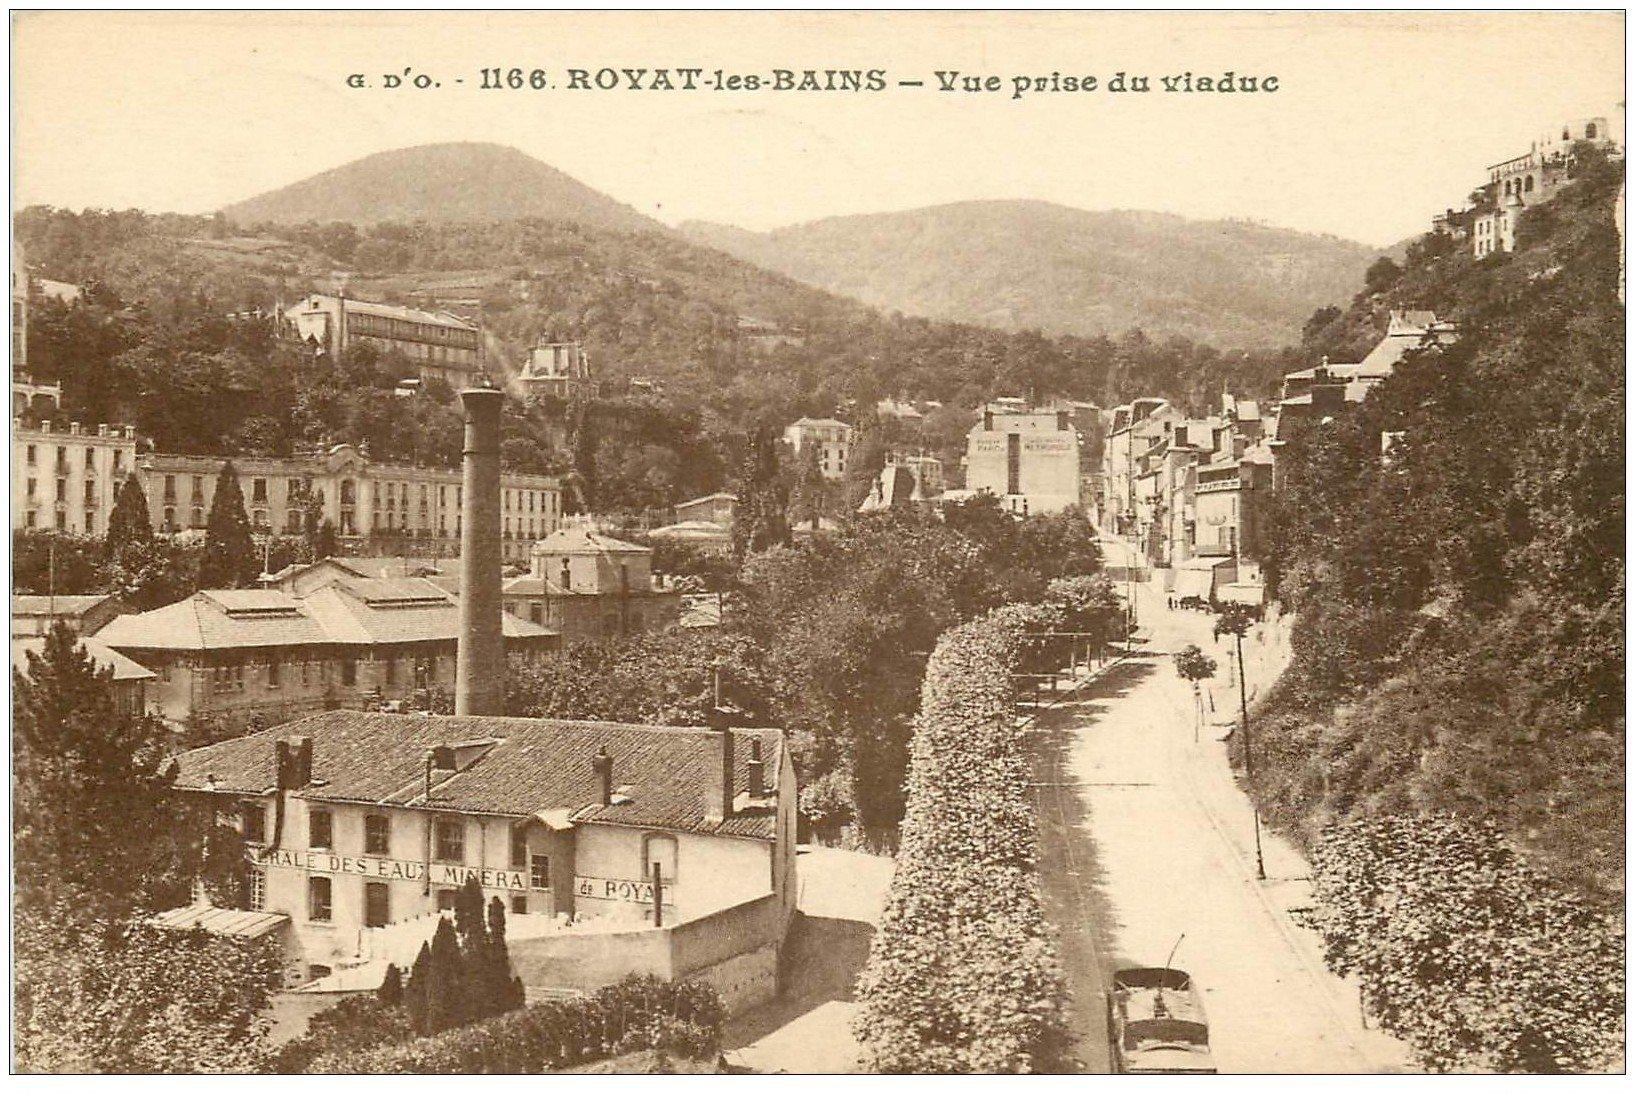 63 ROYAT Lot 10 Cpa. Usine Eaux Minérales, Monument Morts, Place Allard, Grand Hôtel, Eglise et Fontaine, Paradis...